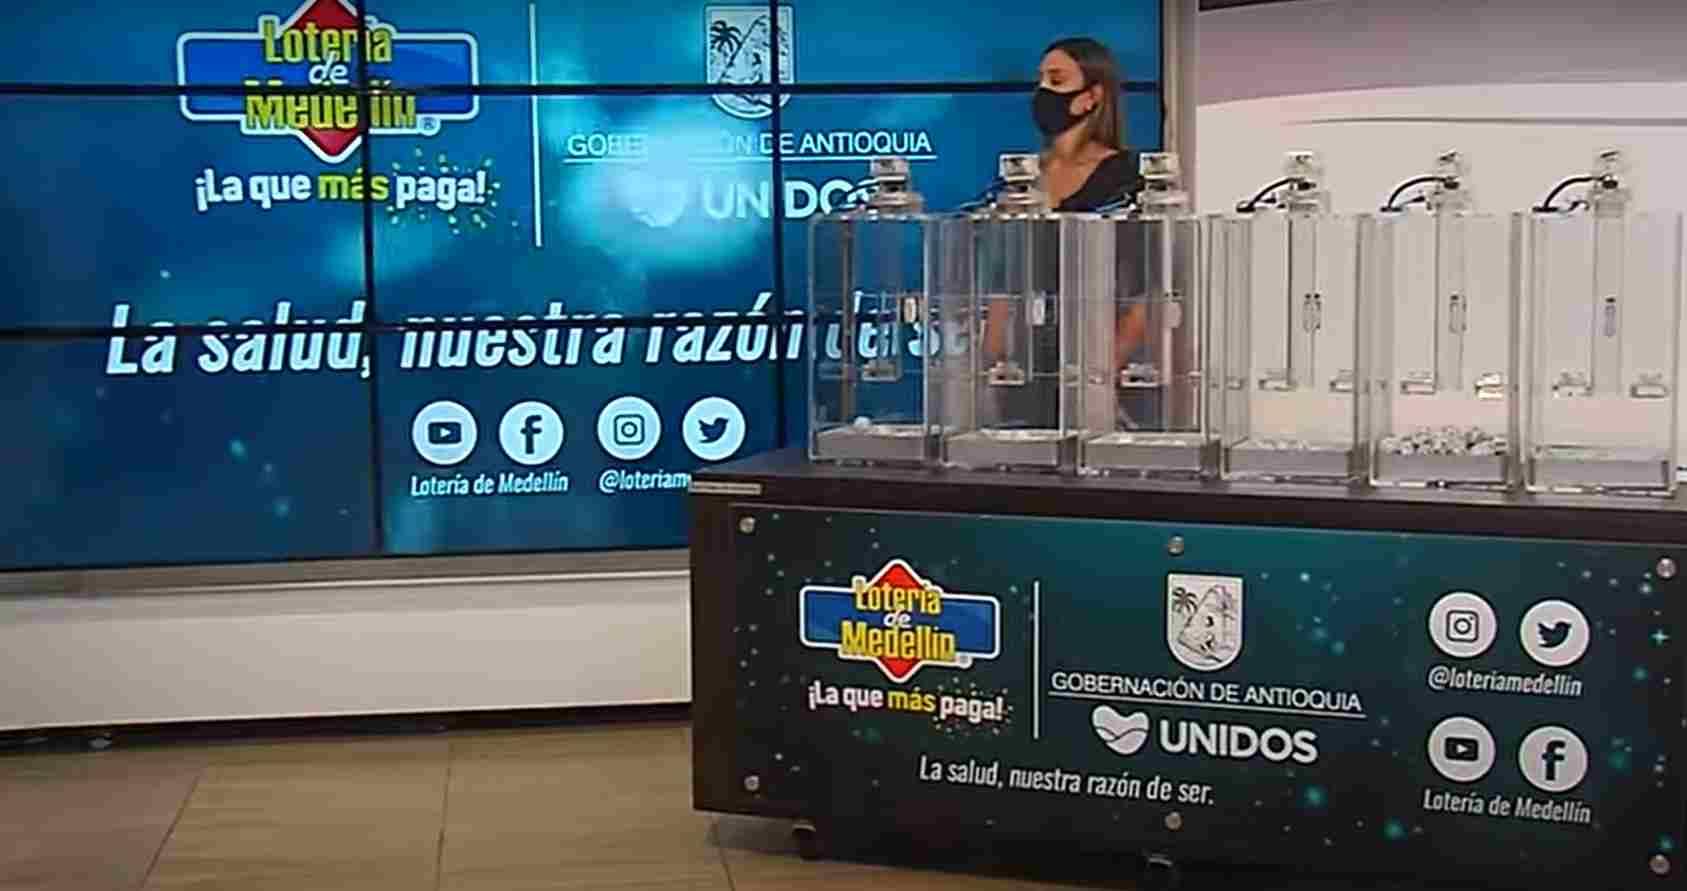 Lotería de Medellín. Resultado sorteo viernes 14 de mayo 2021